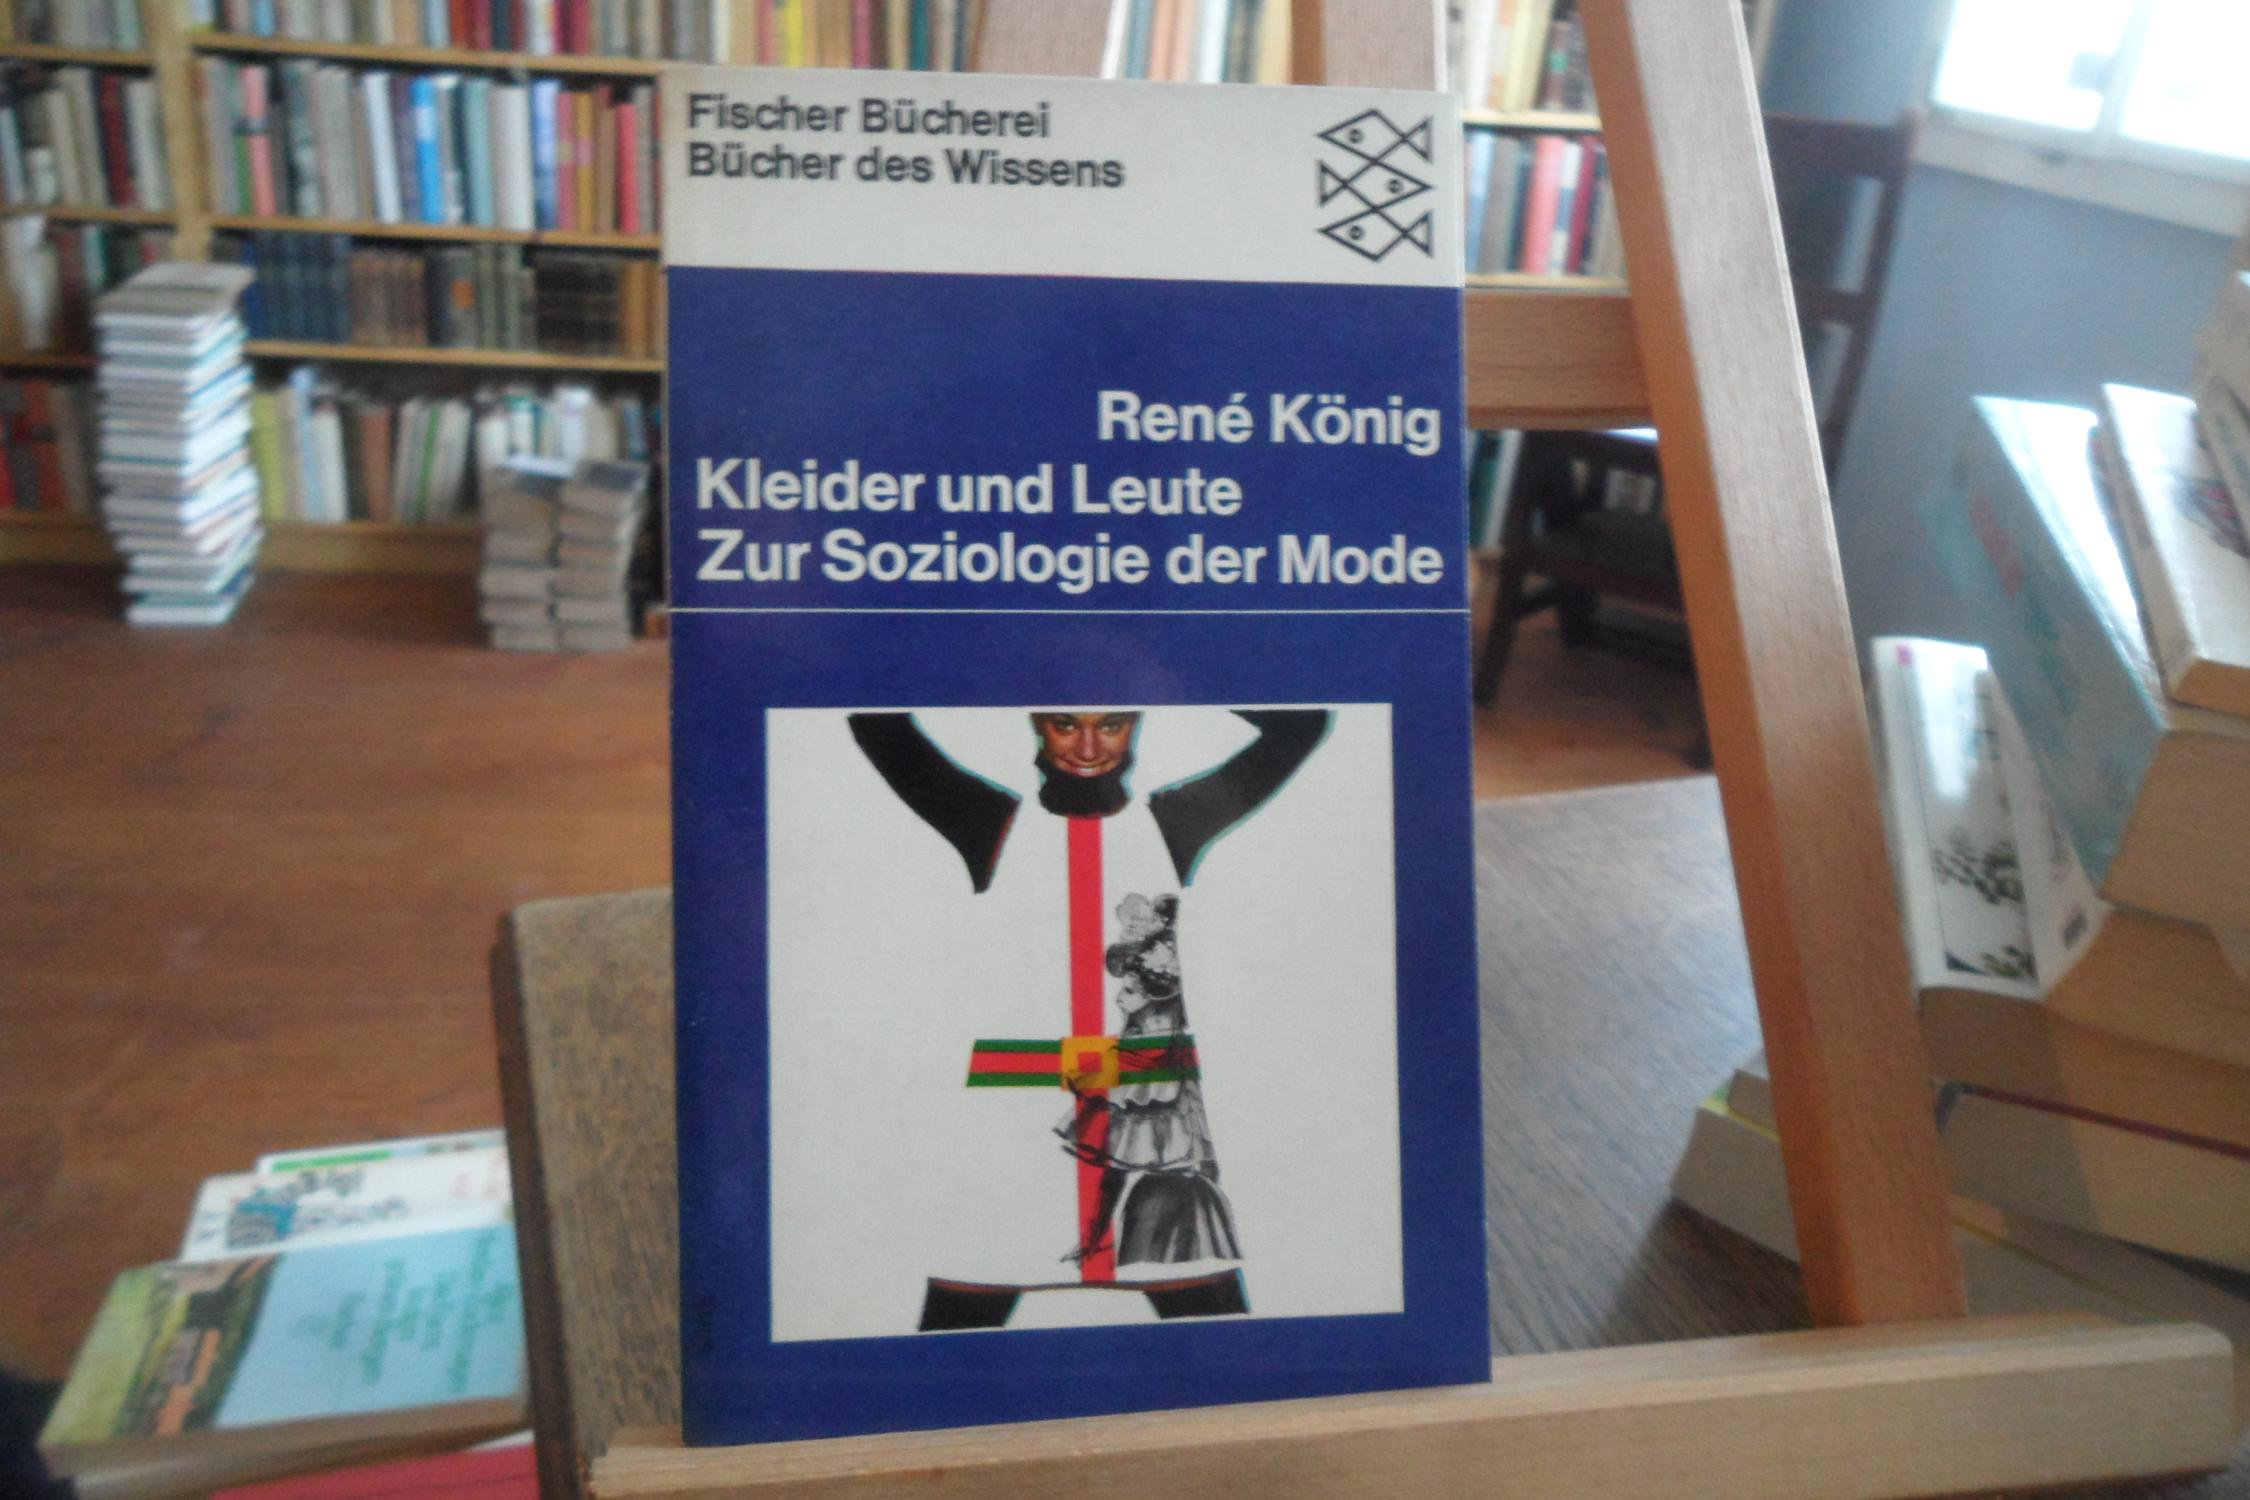 kleider und leute. zur soziologie der mode.